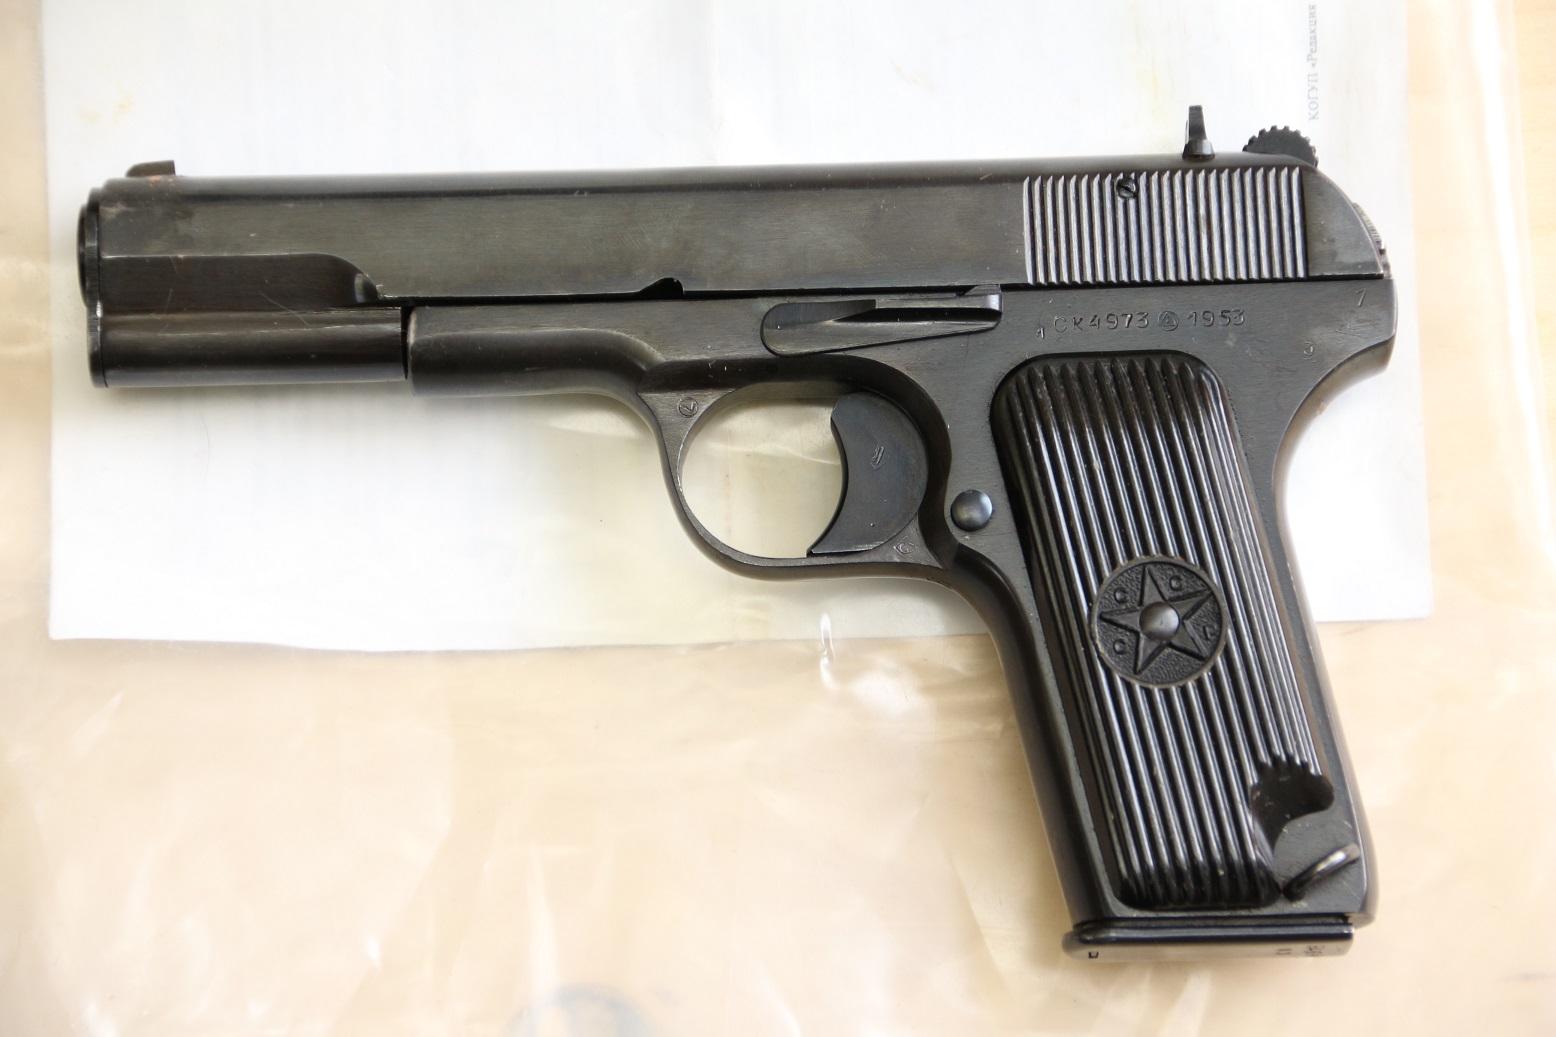 Пистолет ТТ-УЧ Молот Армз, 1953 год, №СК4973